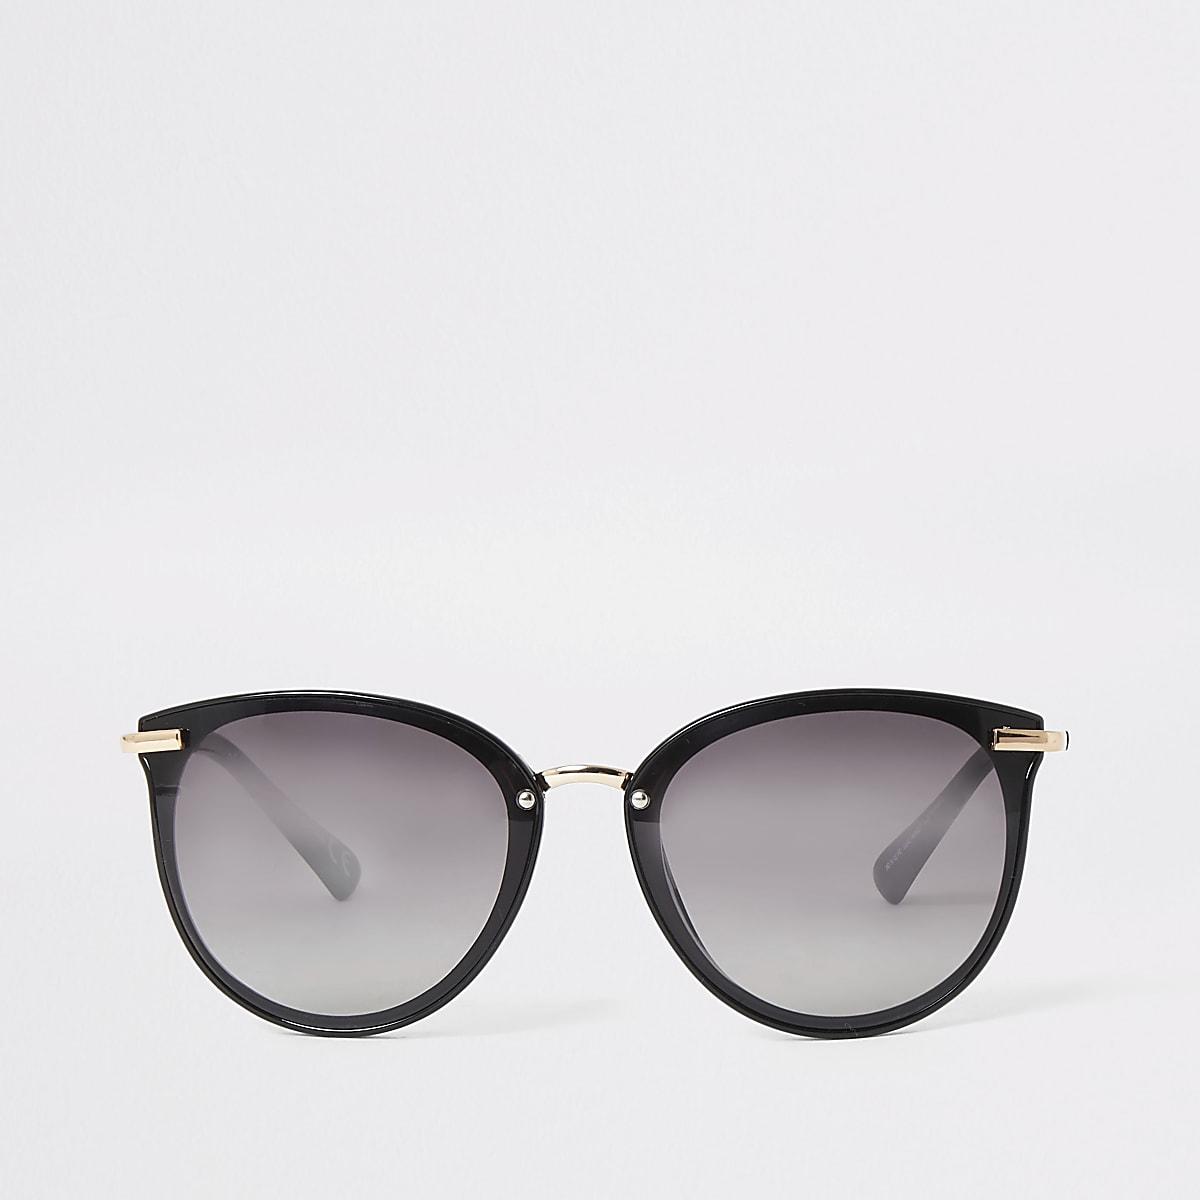 Retro zwarte zonnebril met glazen in de kleur smoke